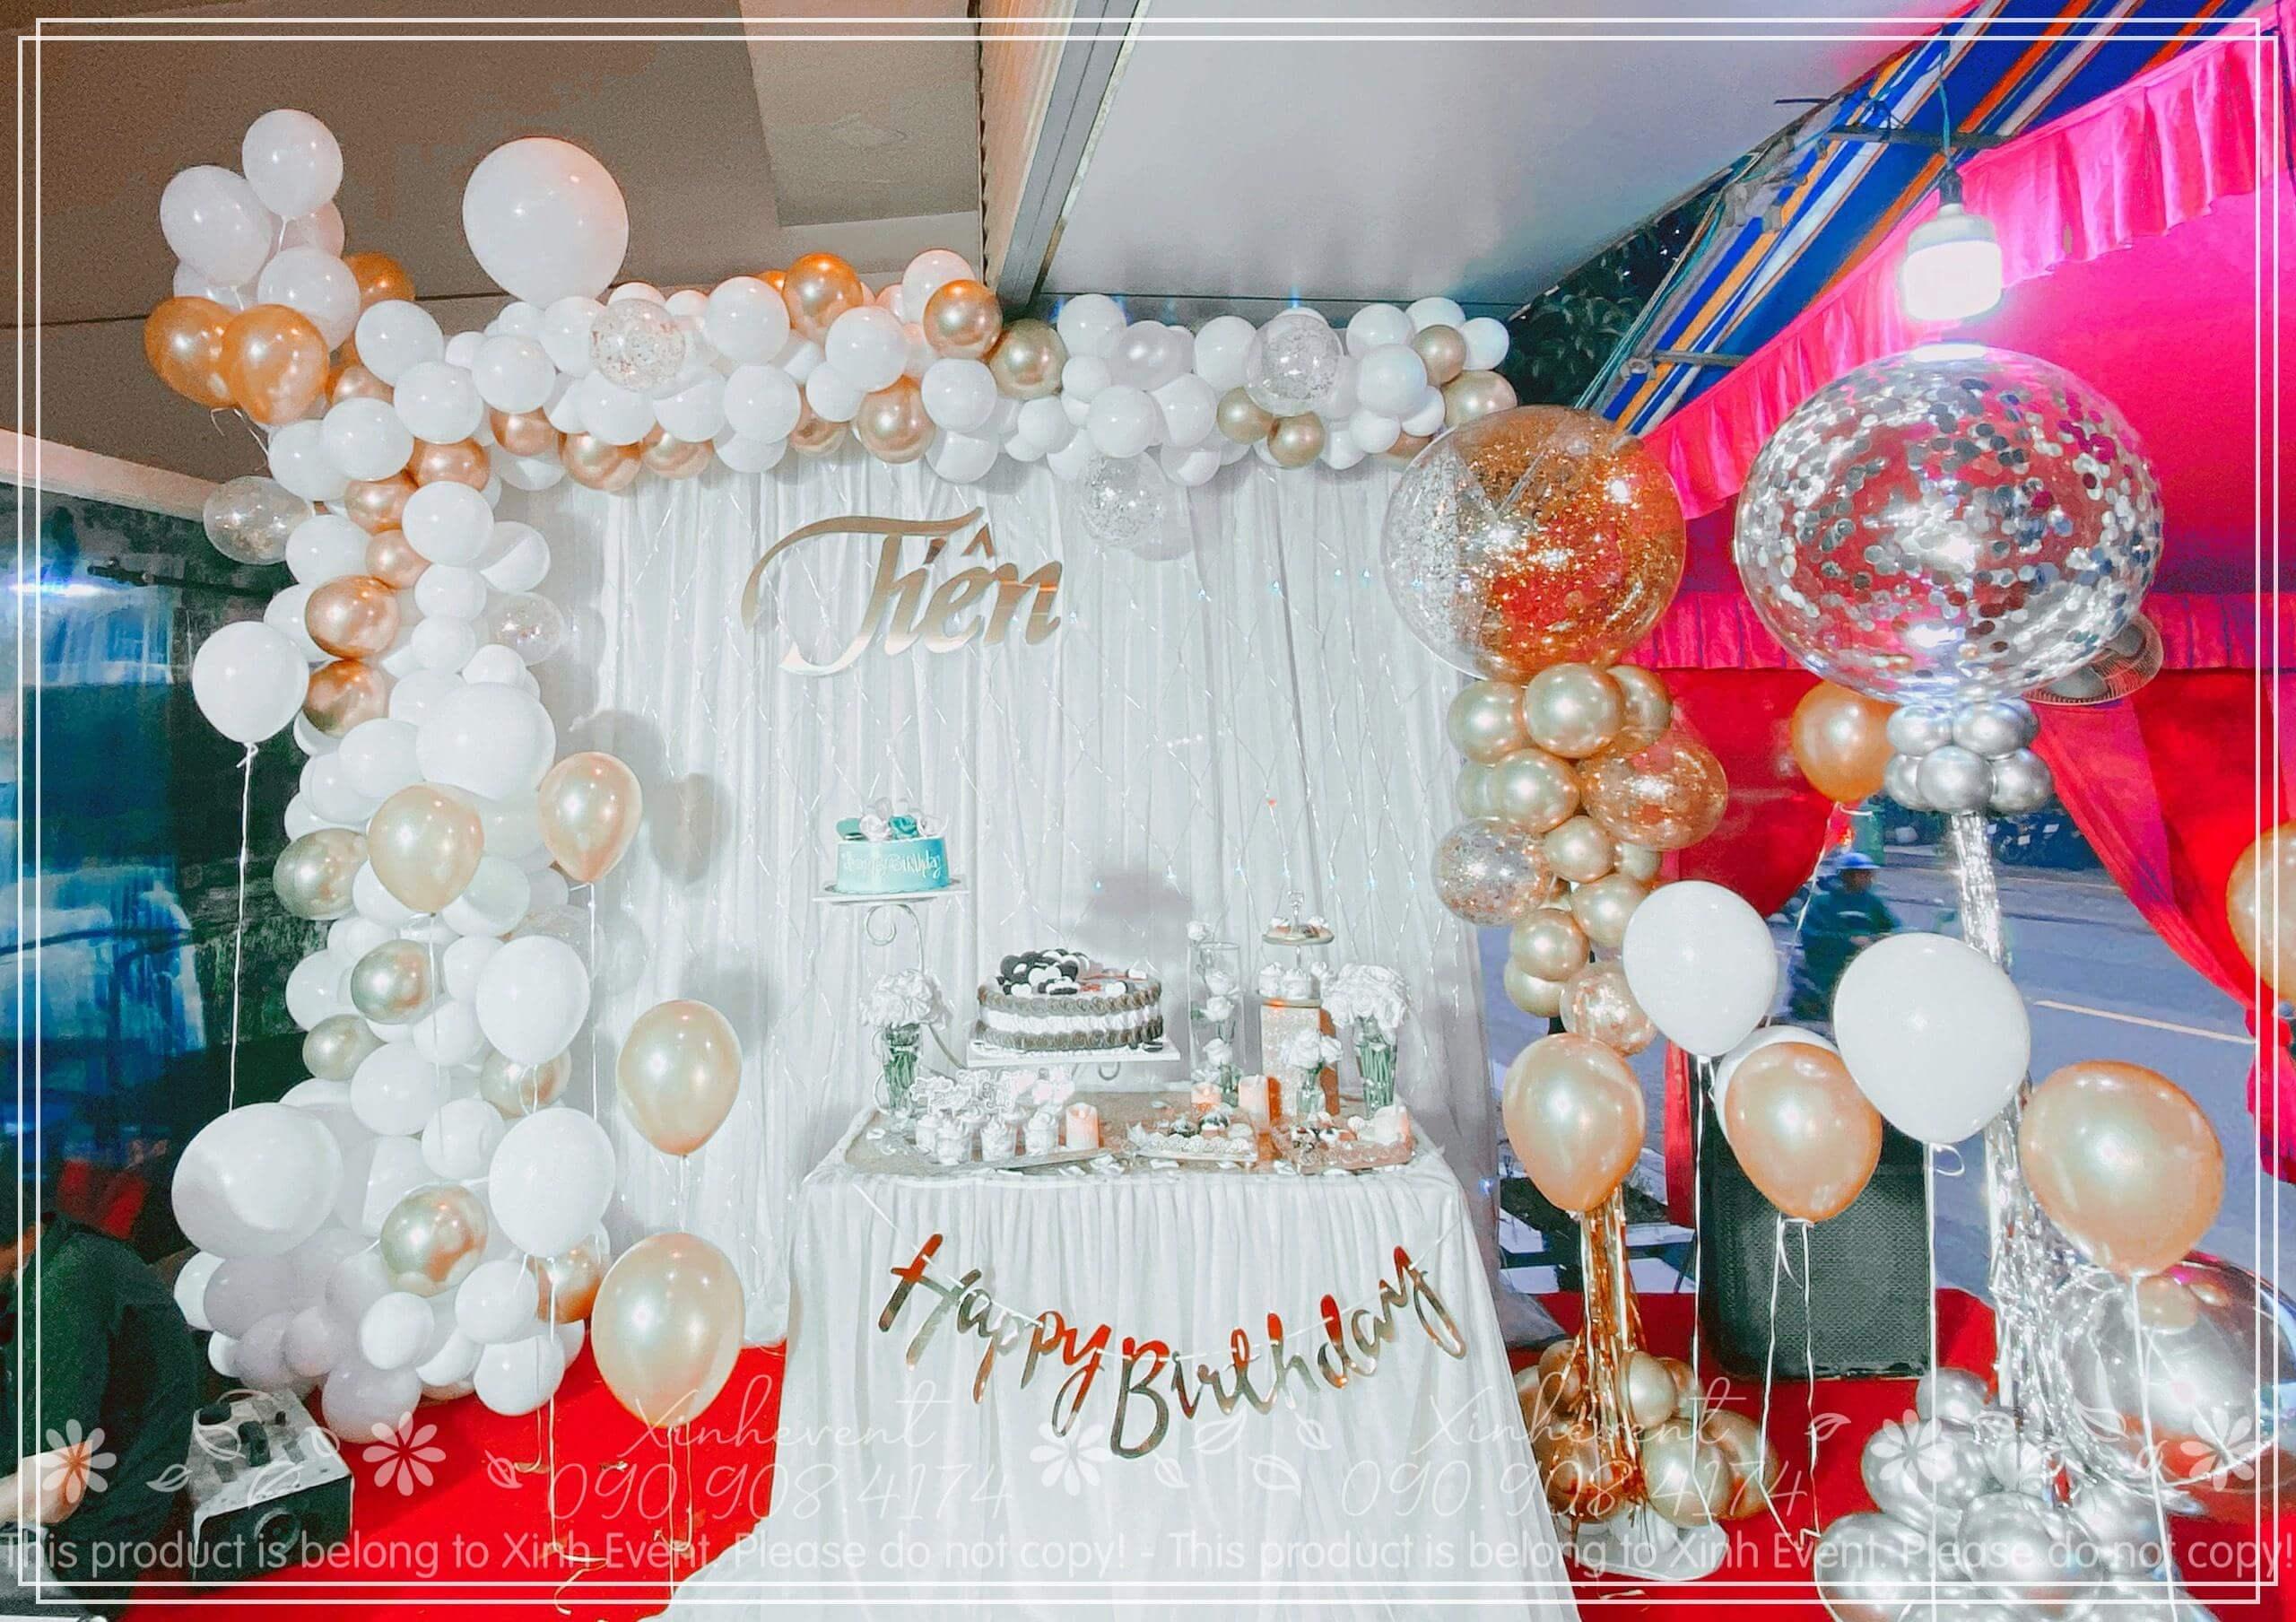 HÌnh ảnh full của sản phẩm trang trí đầy đủ và lung linh trong ngày sinh nhật Tiên